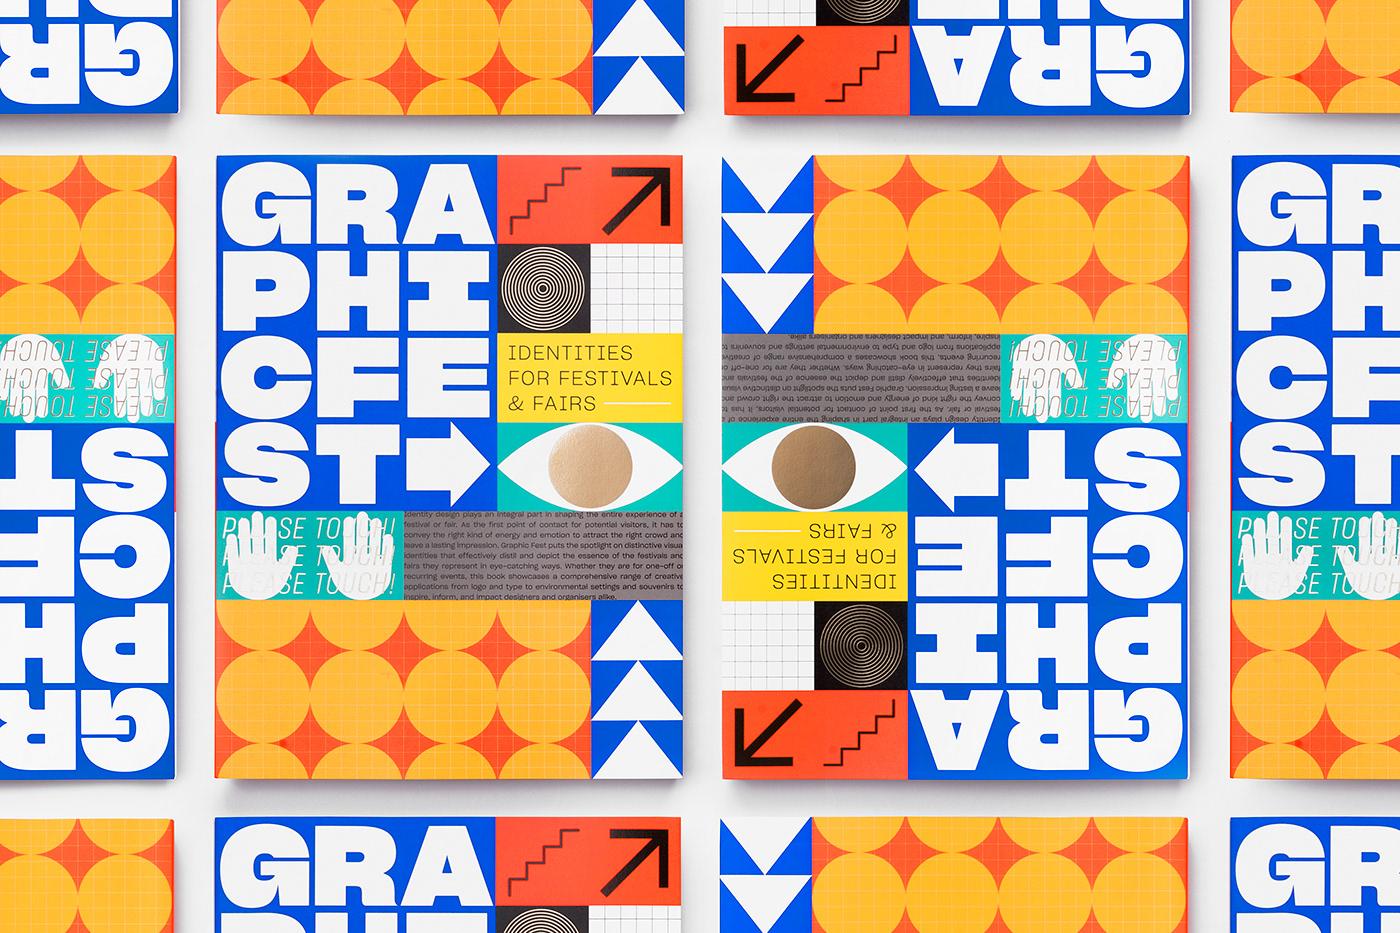 graphic festival branding  Event identity book design poster venue Fair fluorescent